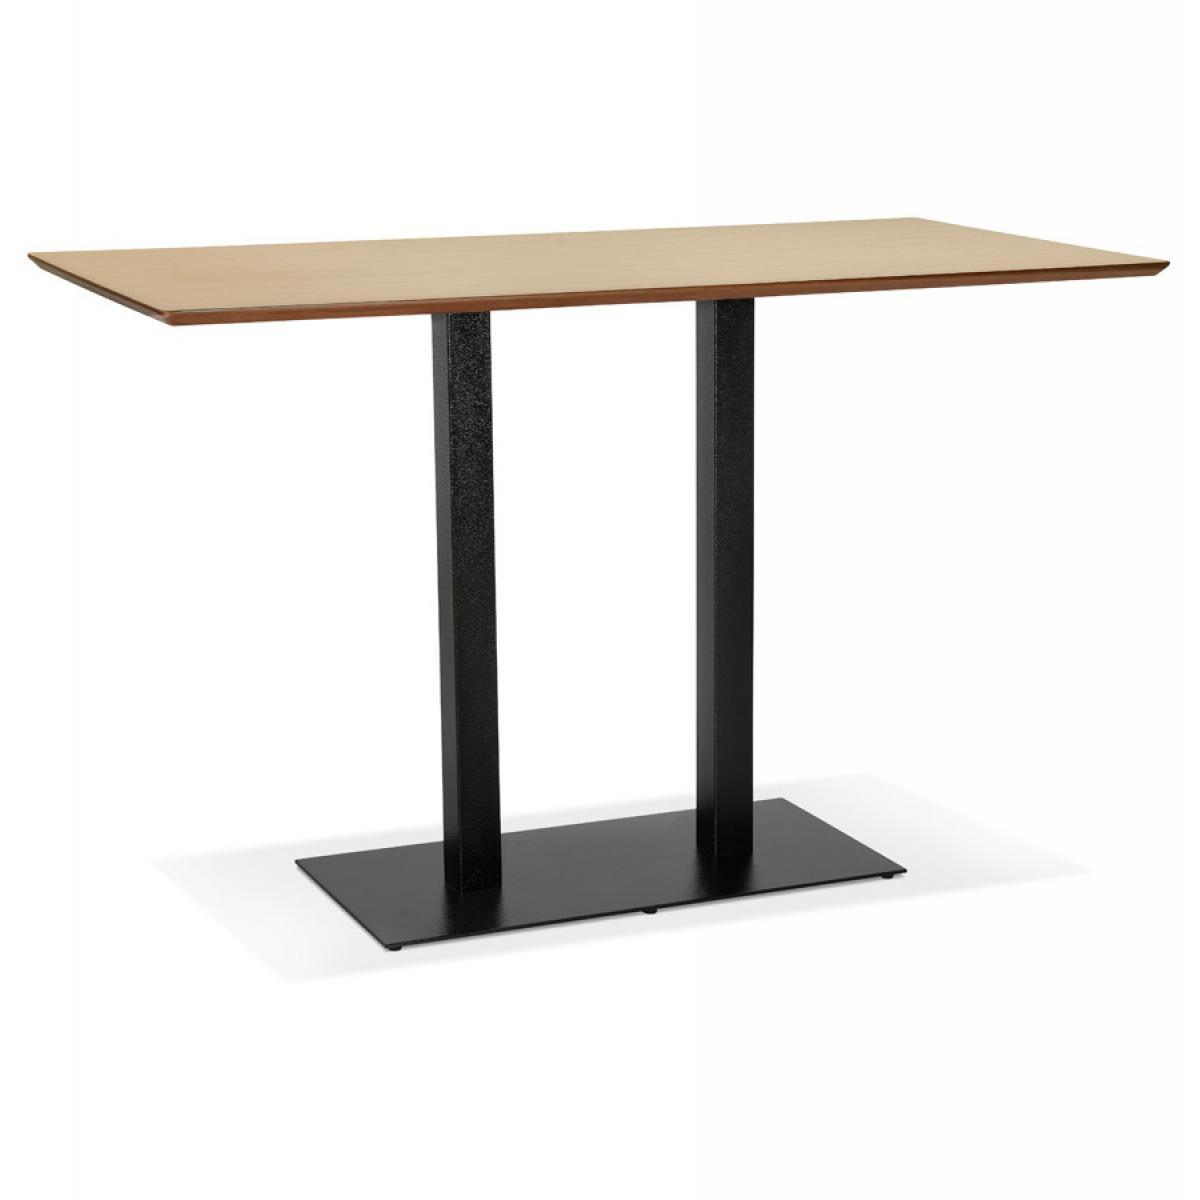 Alterego Table haute design 'ZUMBA BAR' en bois finition naturelle avec pied en métal noir - 180x90 cm